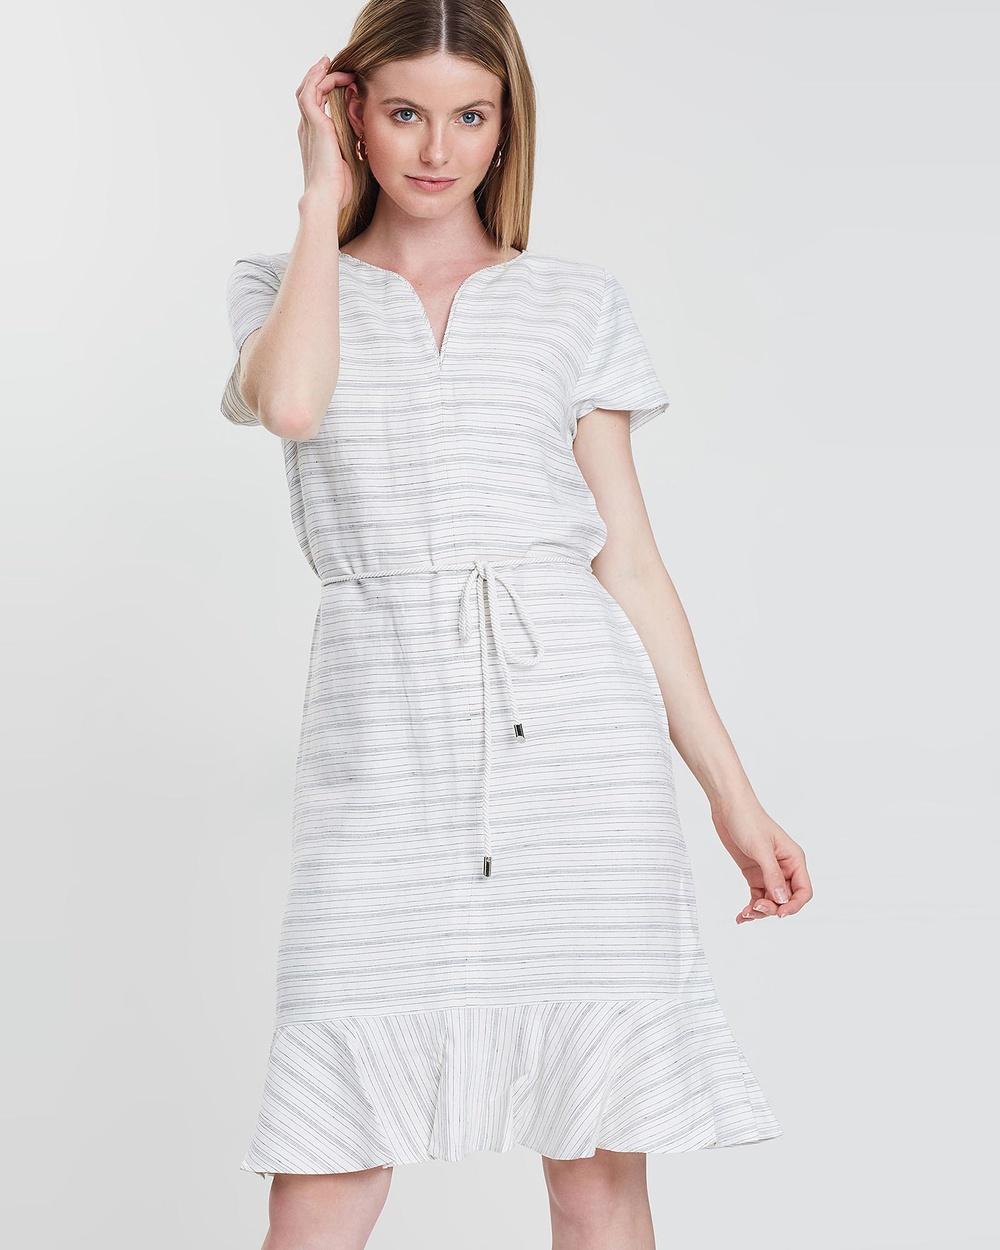 Sportscraft Ivory & Navy Zoya Linen Dress